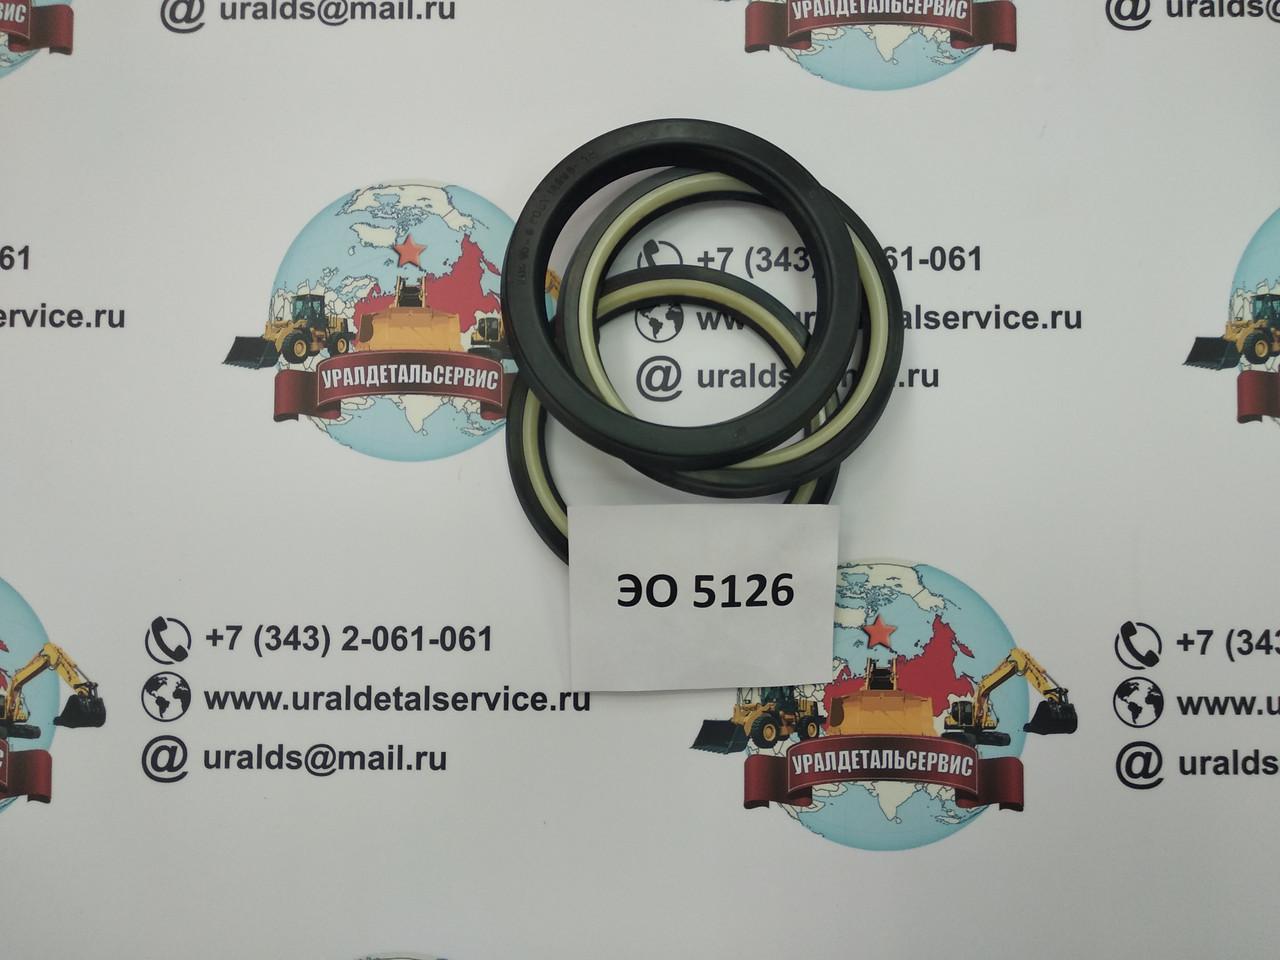 Remkomplekt-gidrotsilindrov-EO-5126